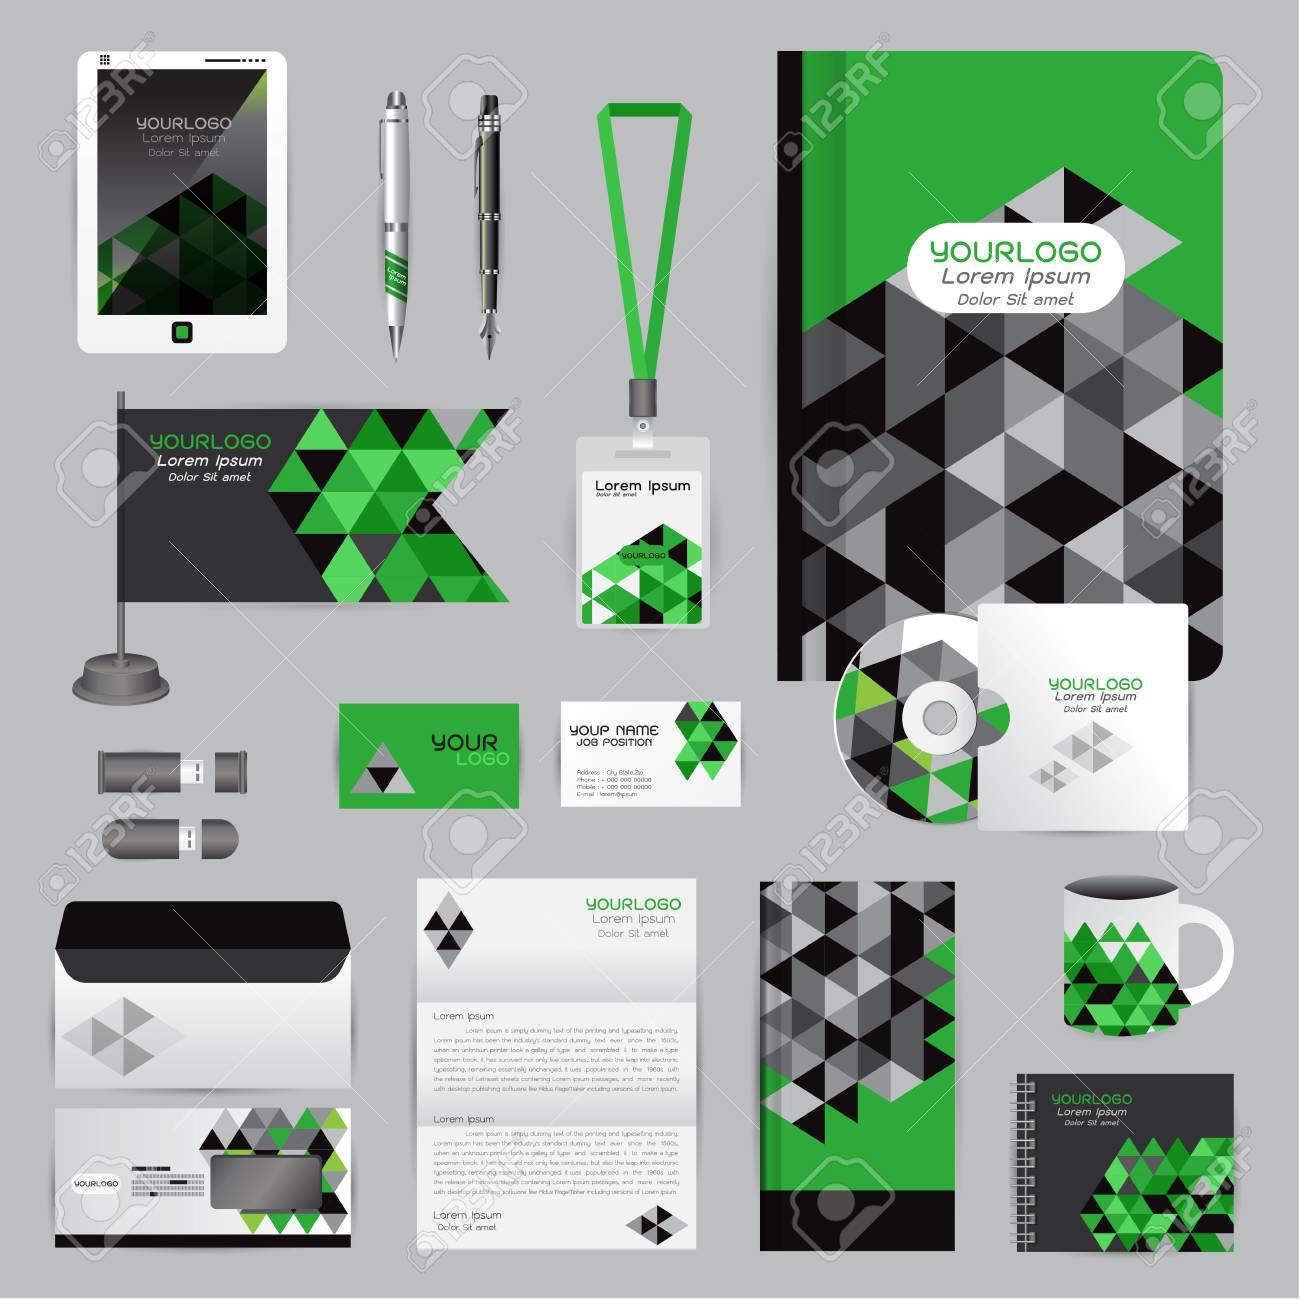 Vecteur Socit Style Pour Marque Page Directive Et Stylos Tasses CD Livres Cartes De Visite Papier En Tte Drapeau Carte Portefeuille Employs Tablet